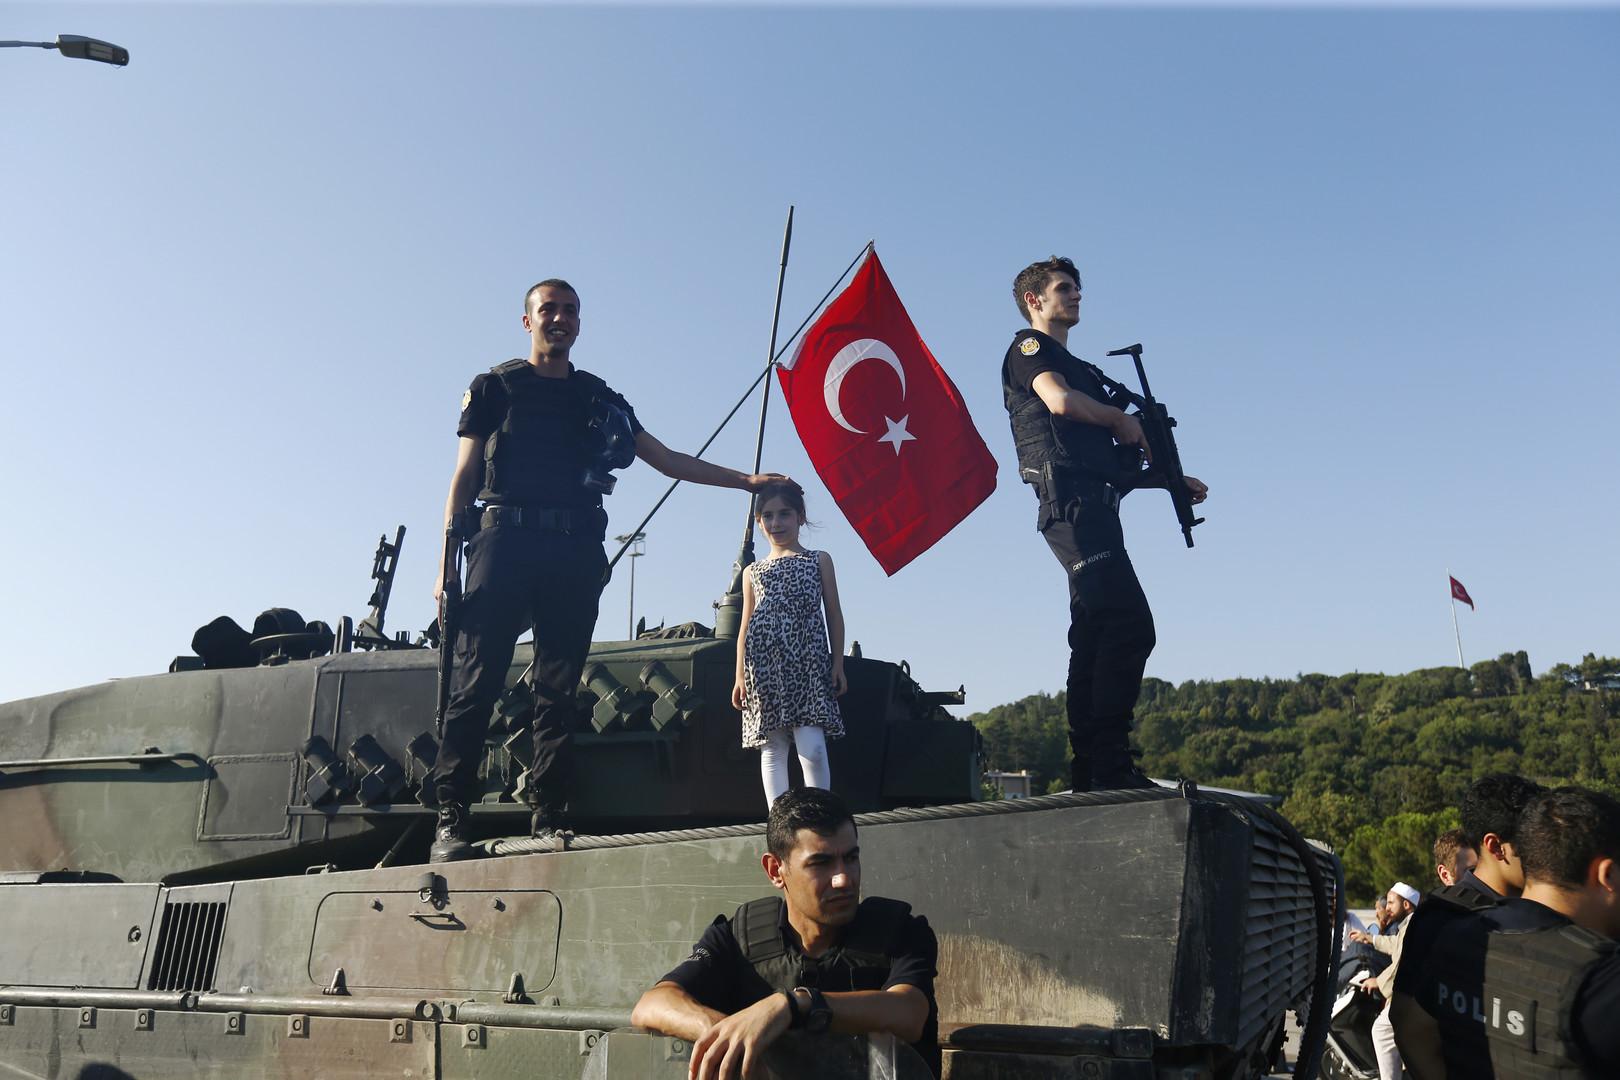 من الانقلاب إلى دولة السلطان... كيف تغيرت تركيا بعد أحداث يوليو 2016